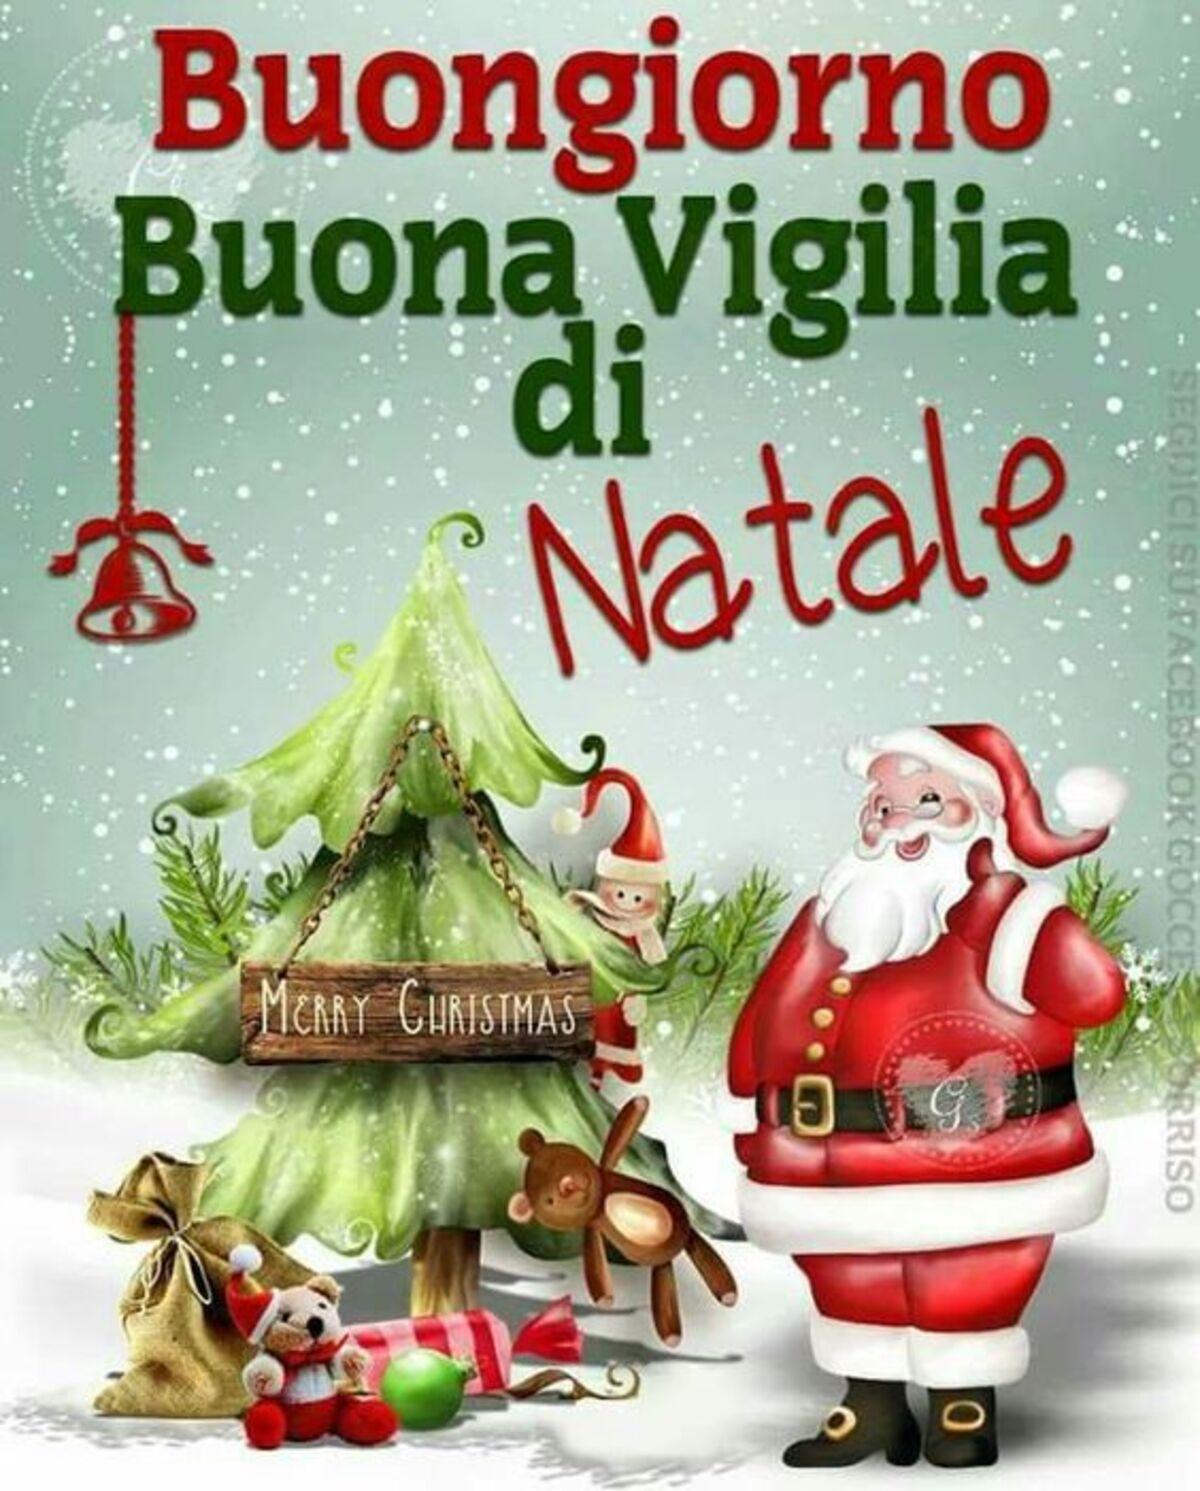 Buongiorno Buona Vigilia di Natale